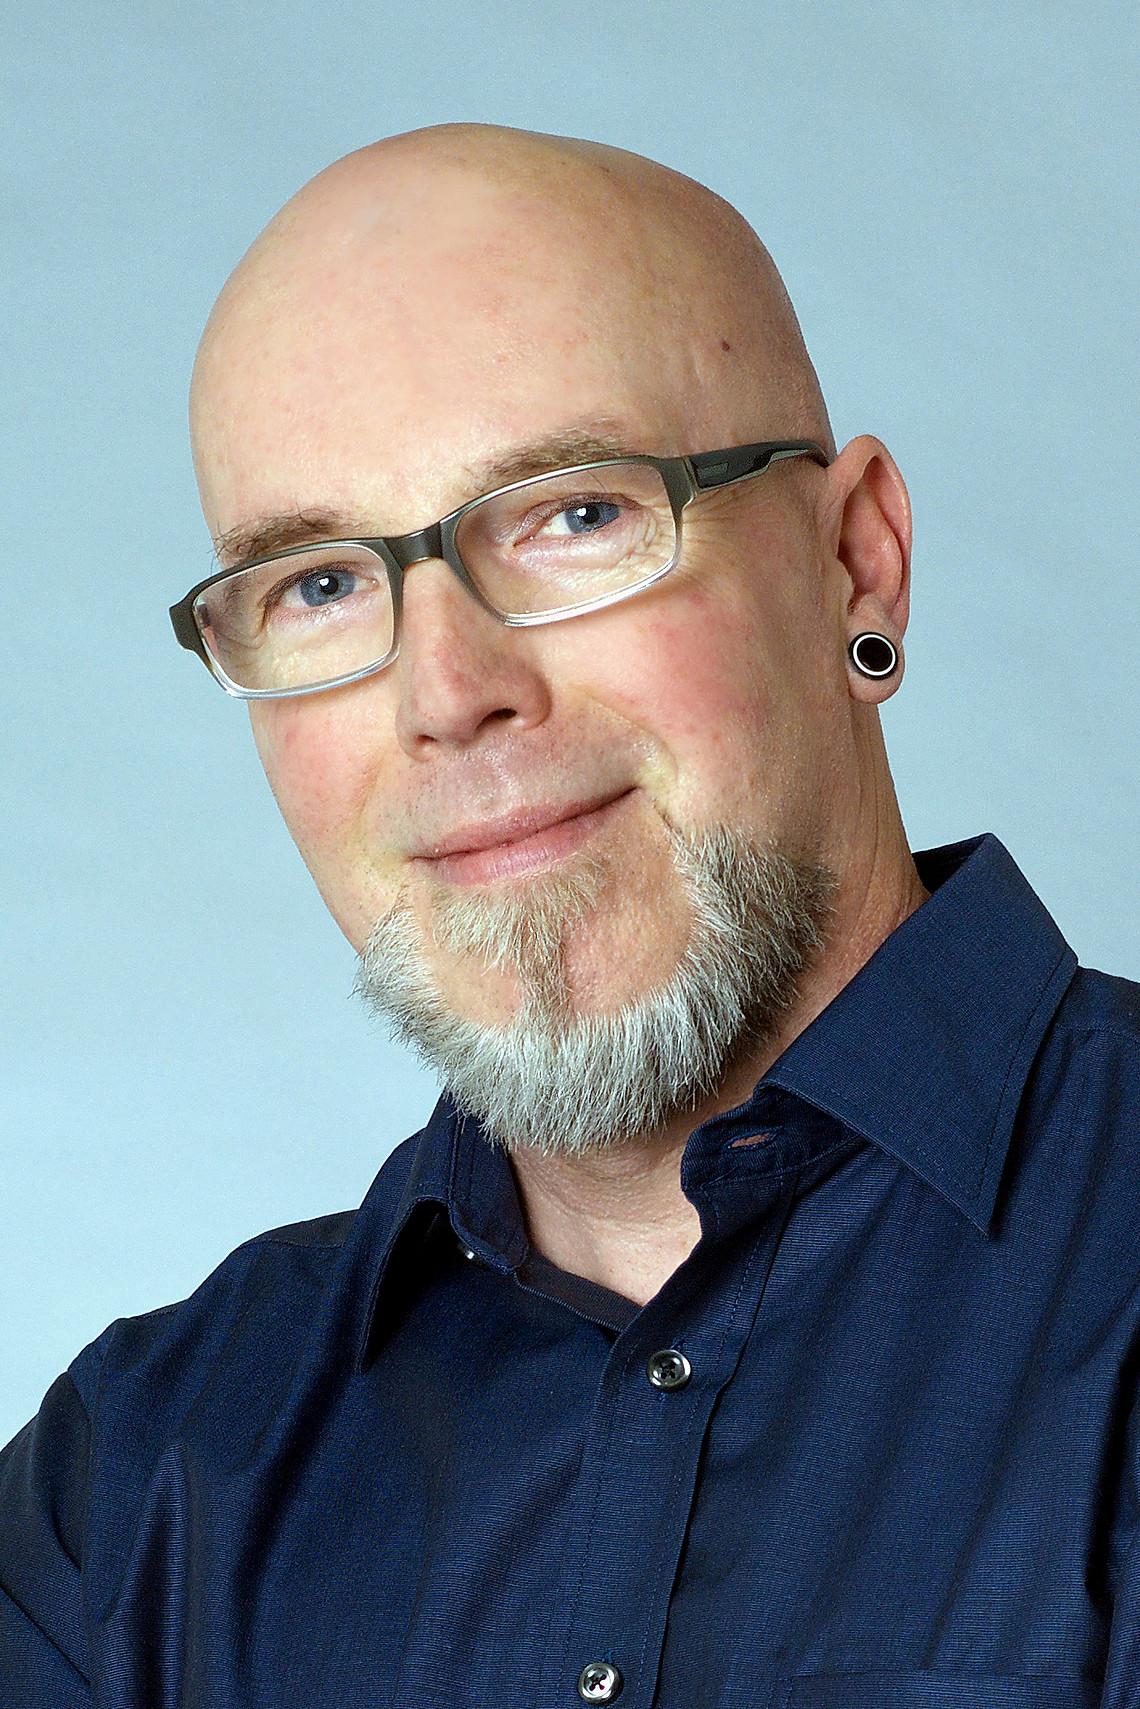 Günter Hämmerle stellt sich nach seiner Covid-Infektion in den Dienst der Allgemeinheit. Foto: cp-pictures